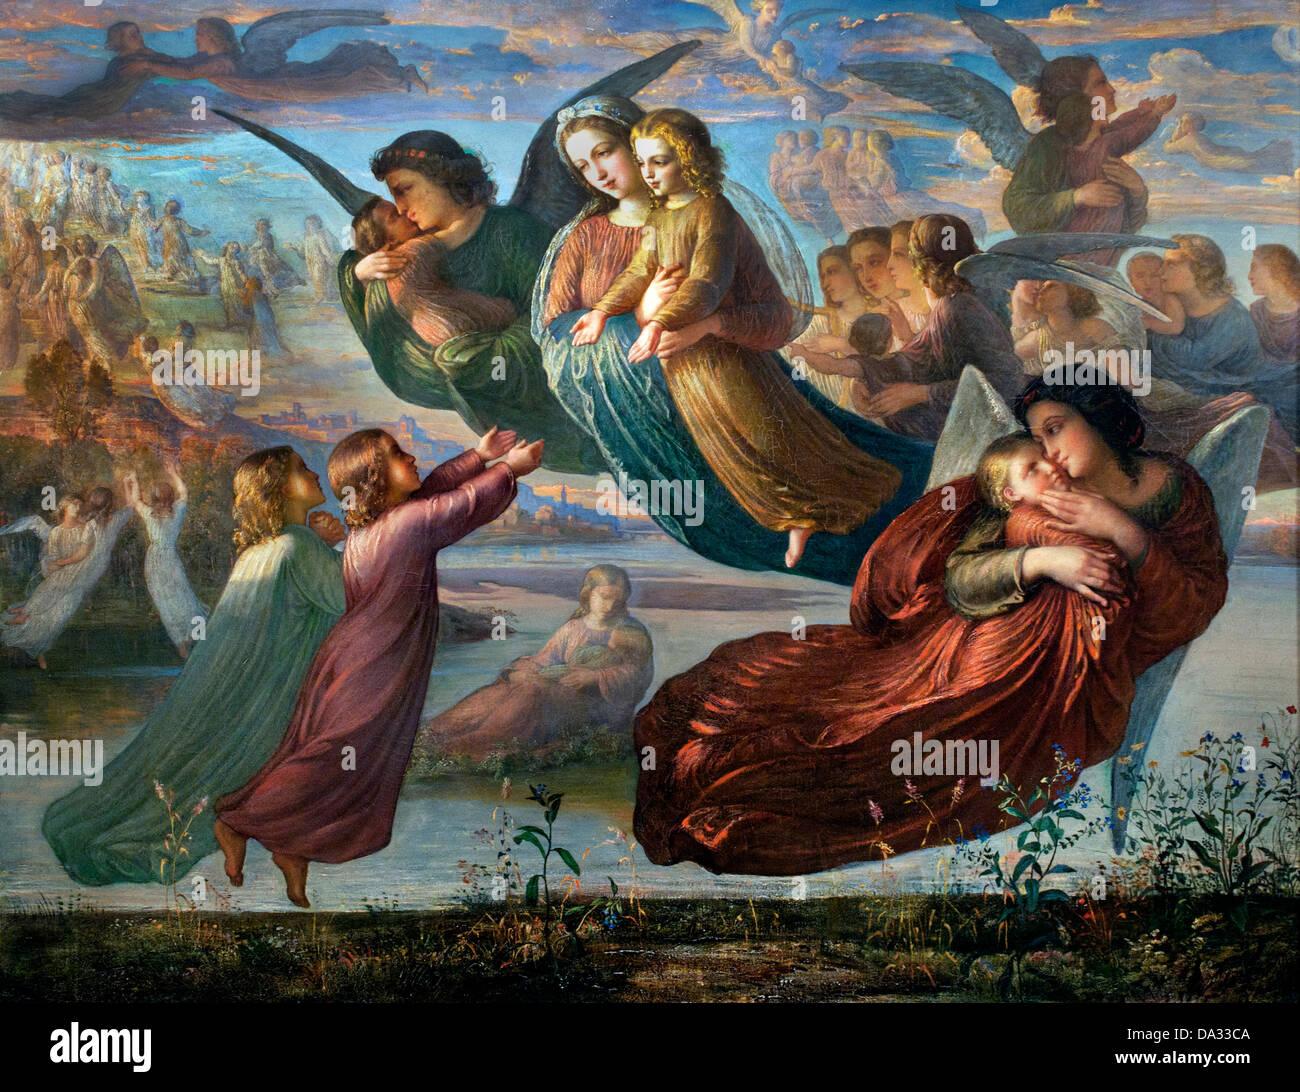 Souvenir du ciel - Remember the sky - Le poeme de l'ame - The poem of the soul by Louis Janmot 1814-1892 France - Stock Image